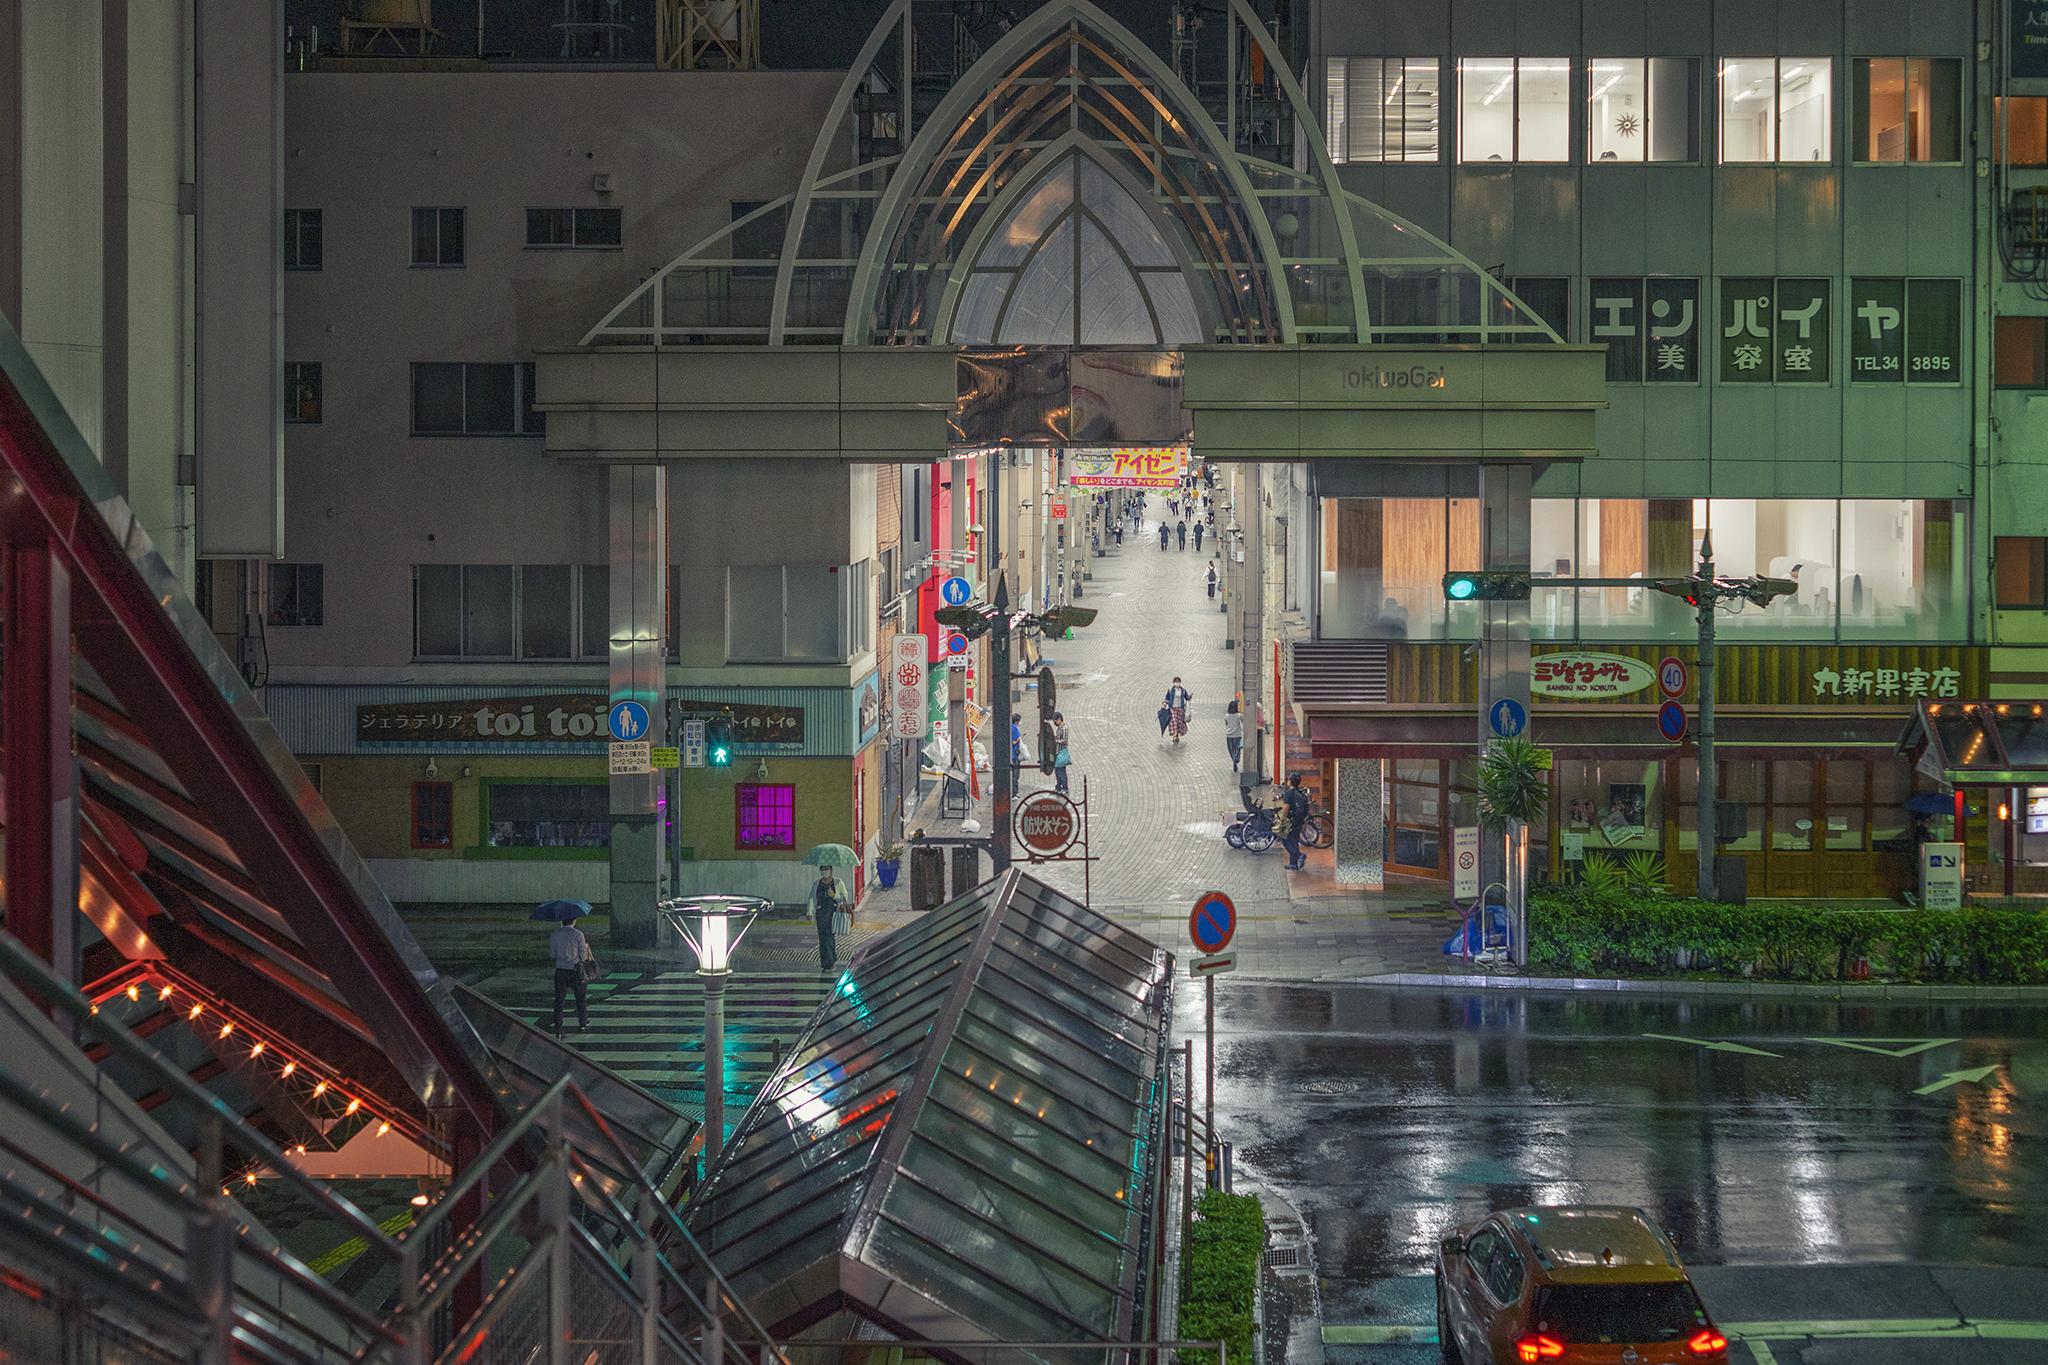 雨の夜、50mm単焦点レンズでスナップ写真を。【ZEISS Loxia 2/50】